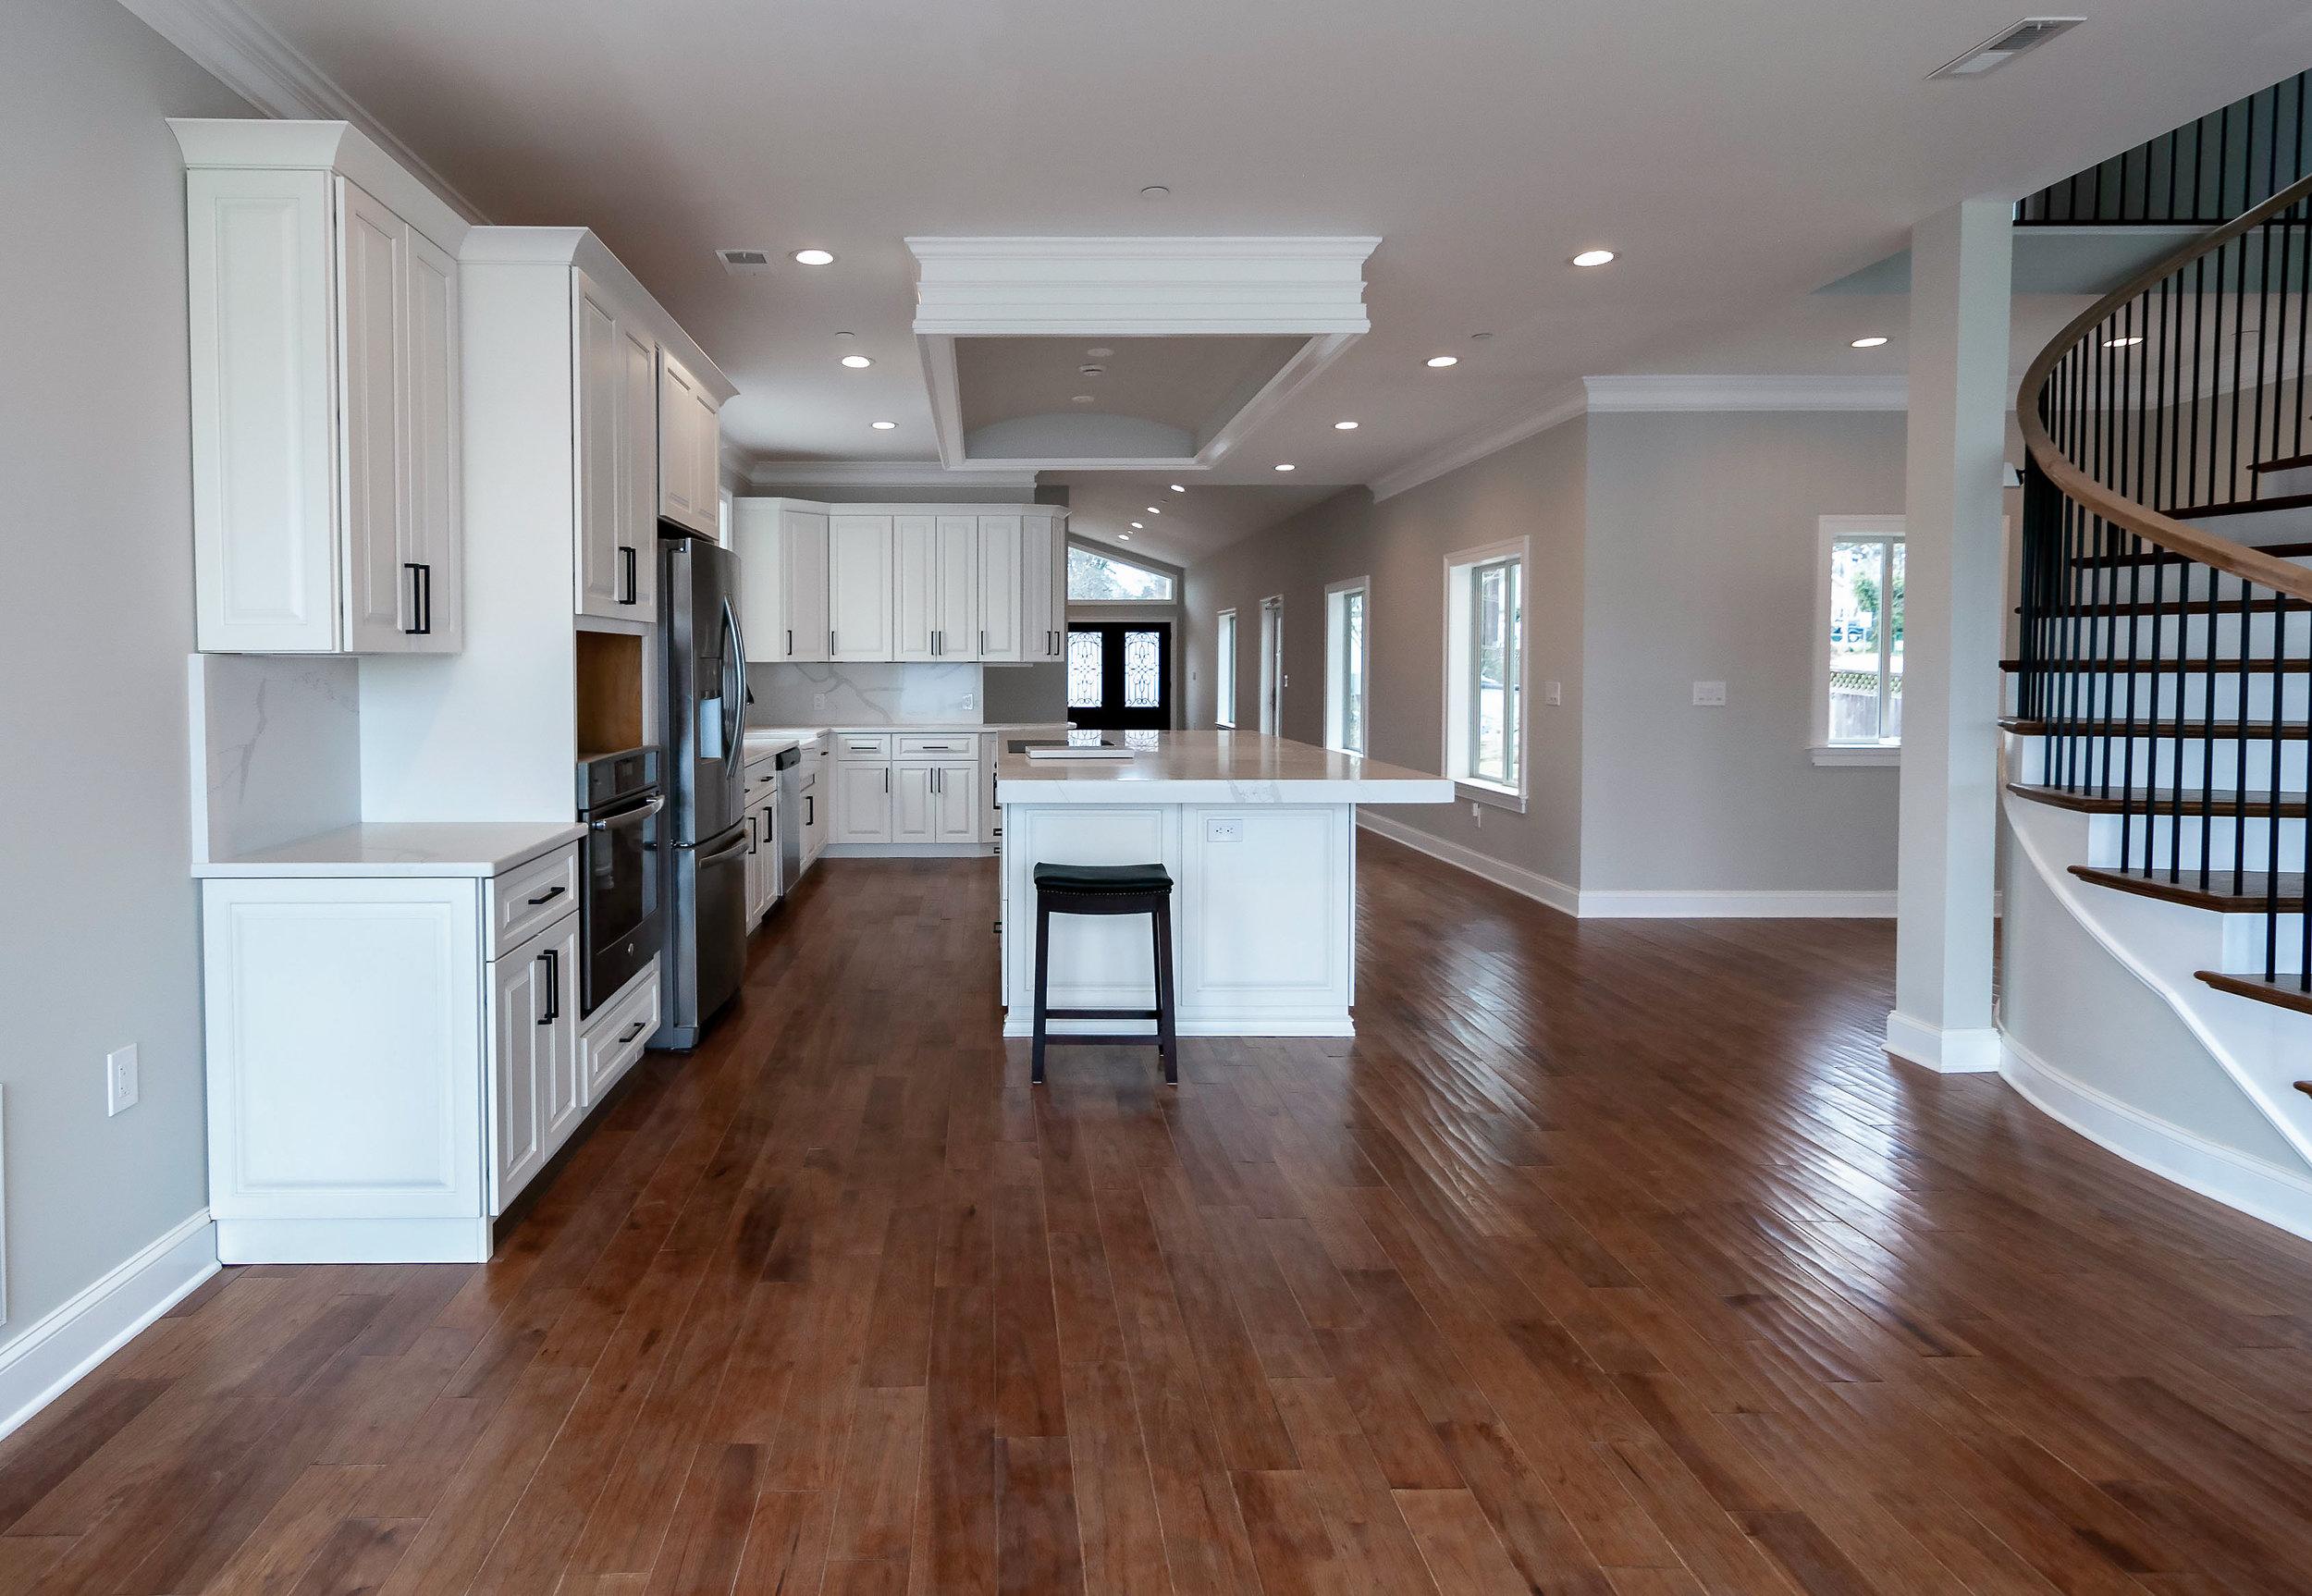 riverhouse kitchen 5.jpg